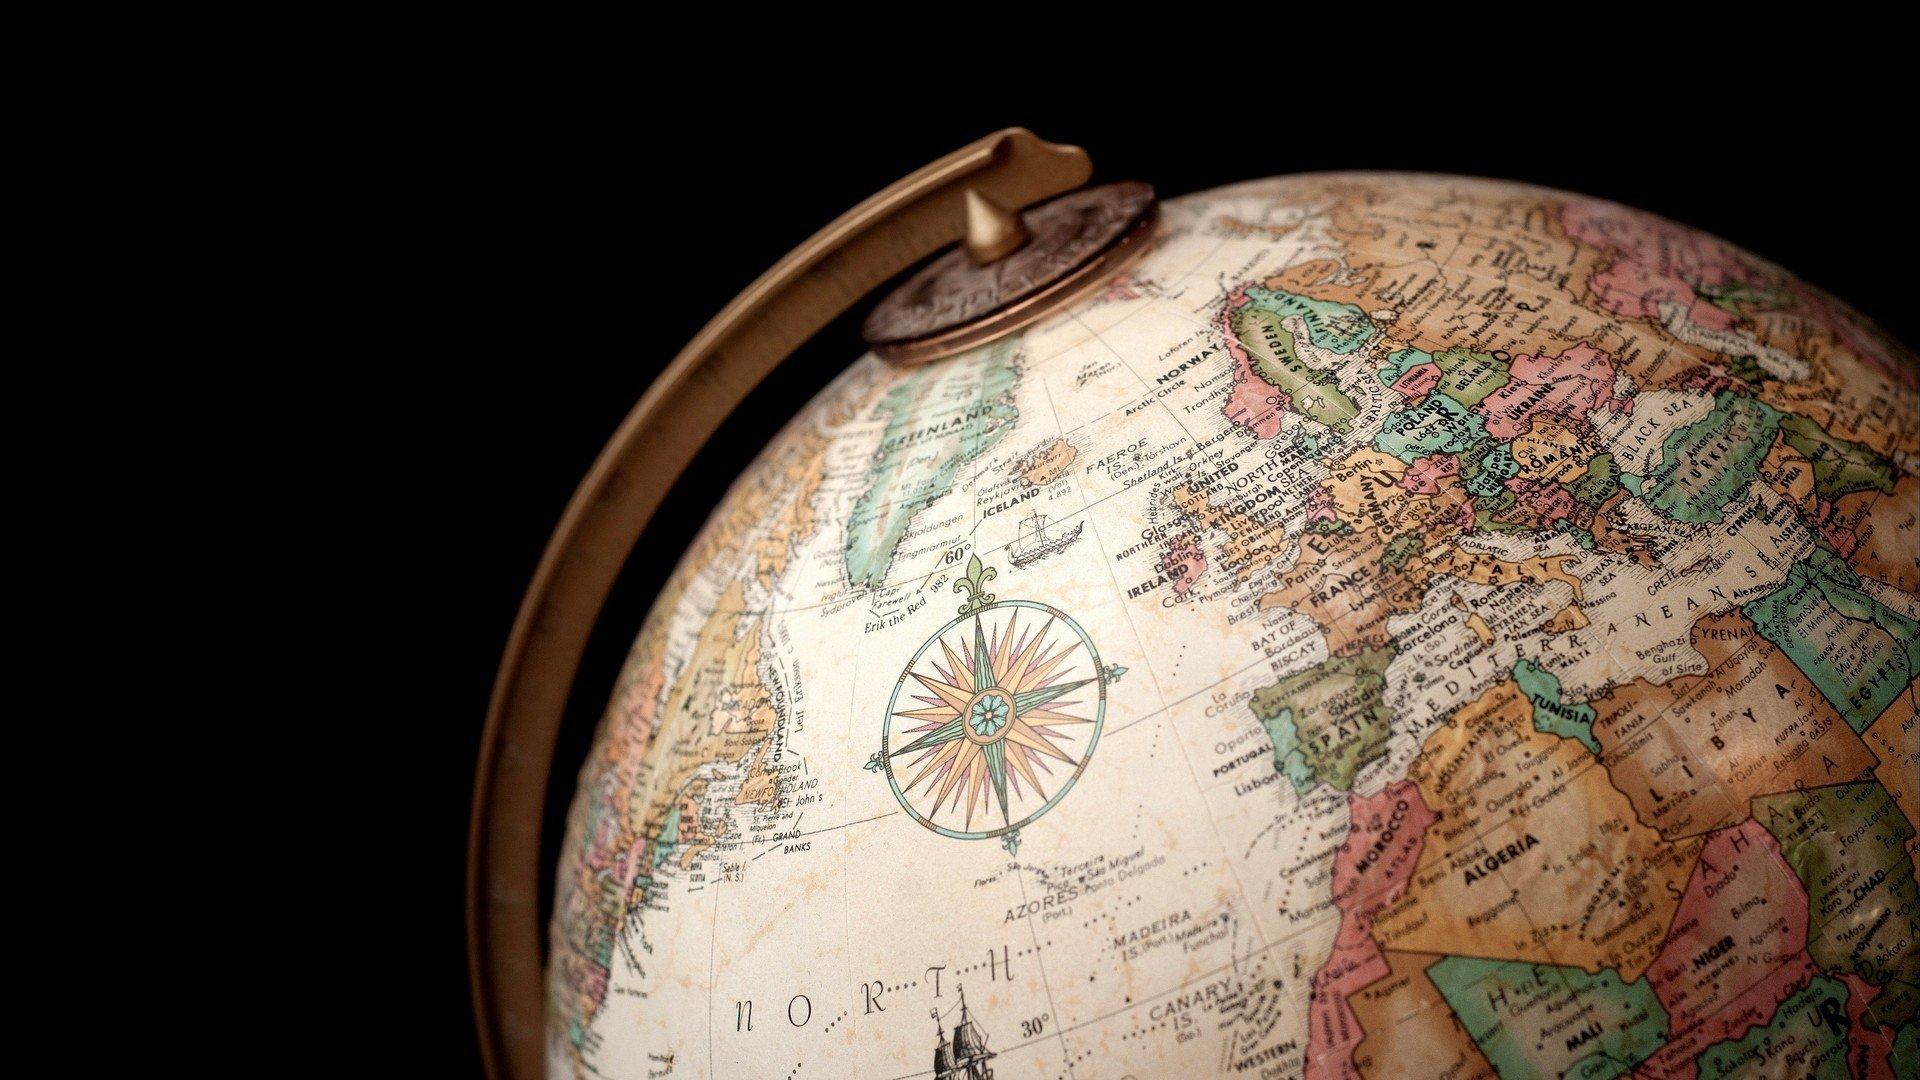 World map wallpaper flooded world map desktop wallpapers vladstudio good old world map wallpaper with world map wallpaper gumiabroncs Image collections